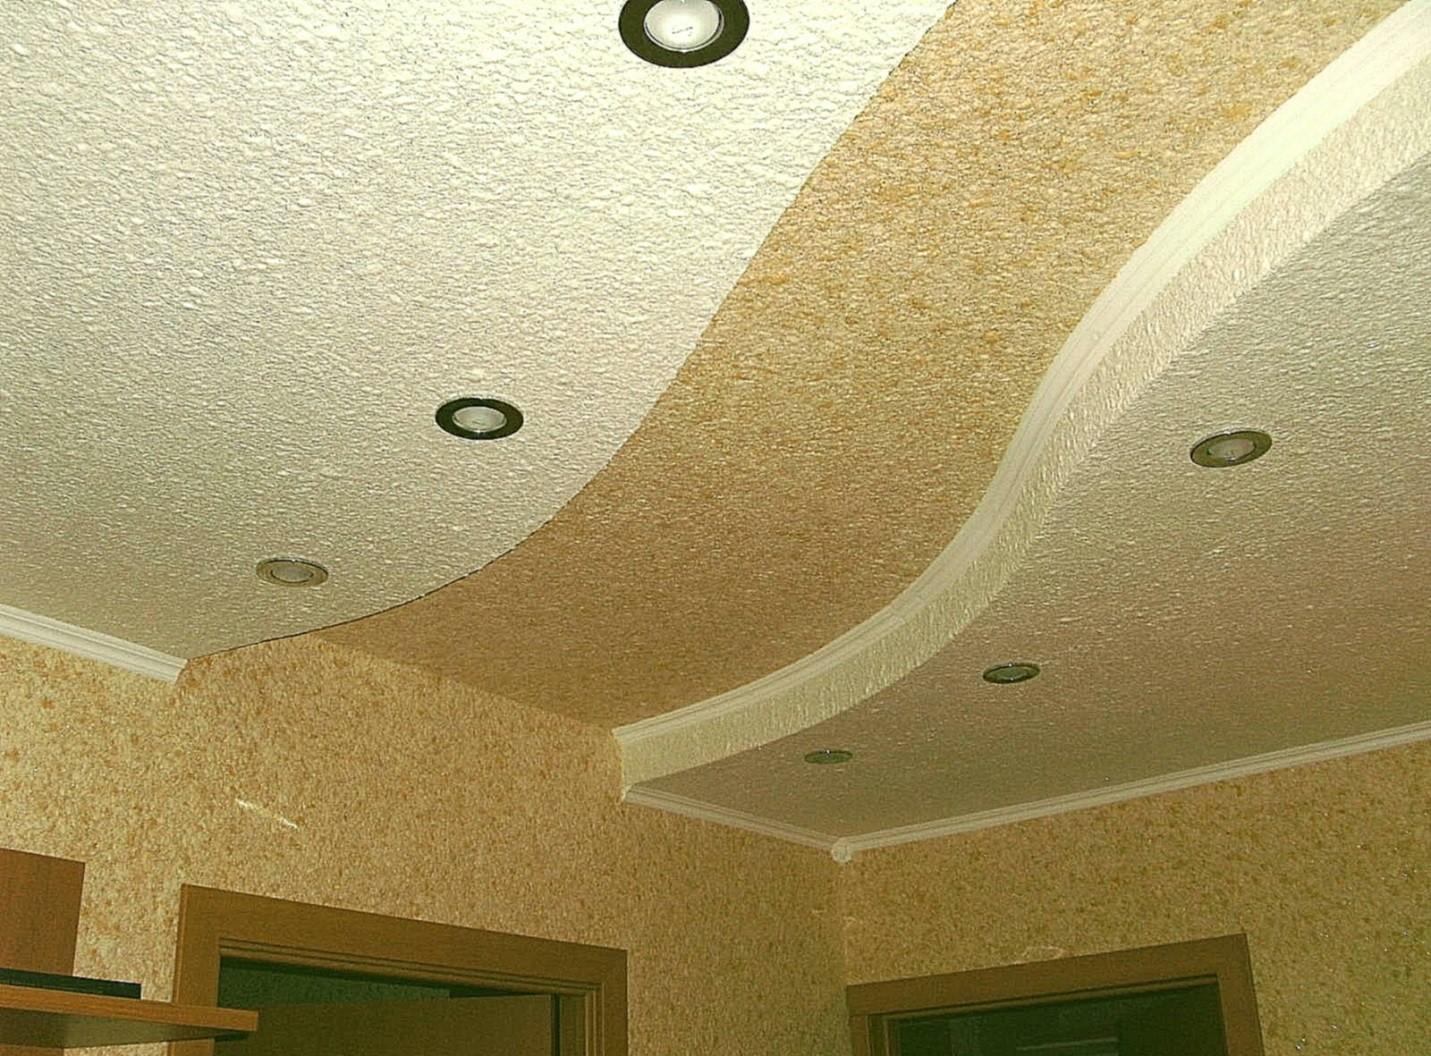 Вставка из жидкихз обев на двухуровневом потолке